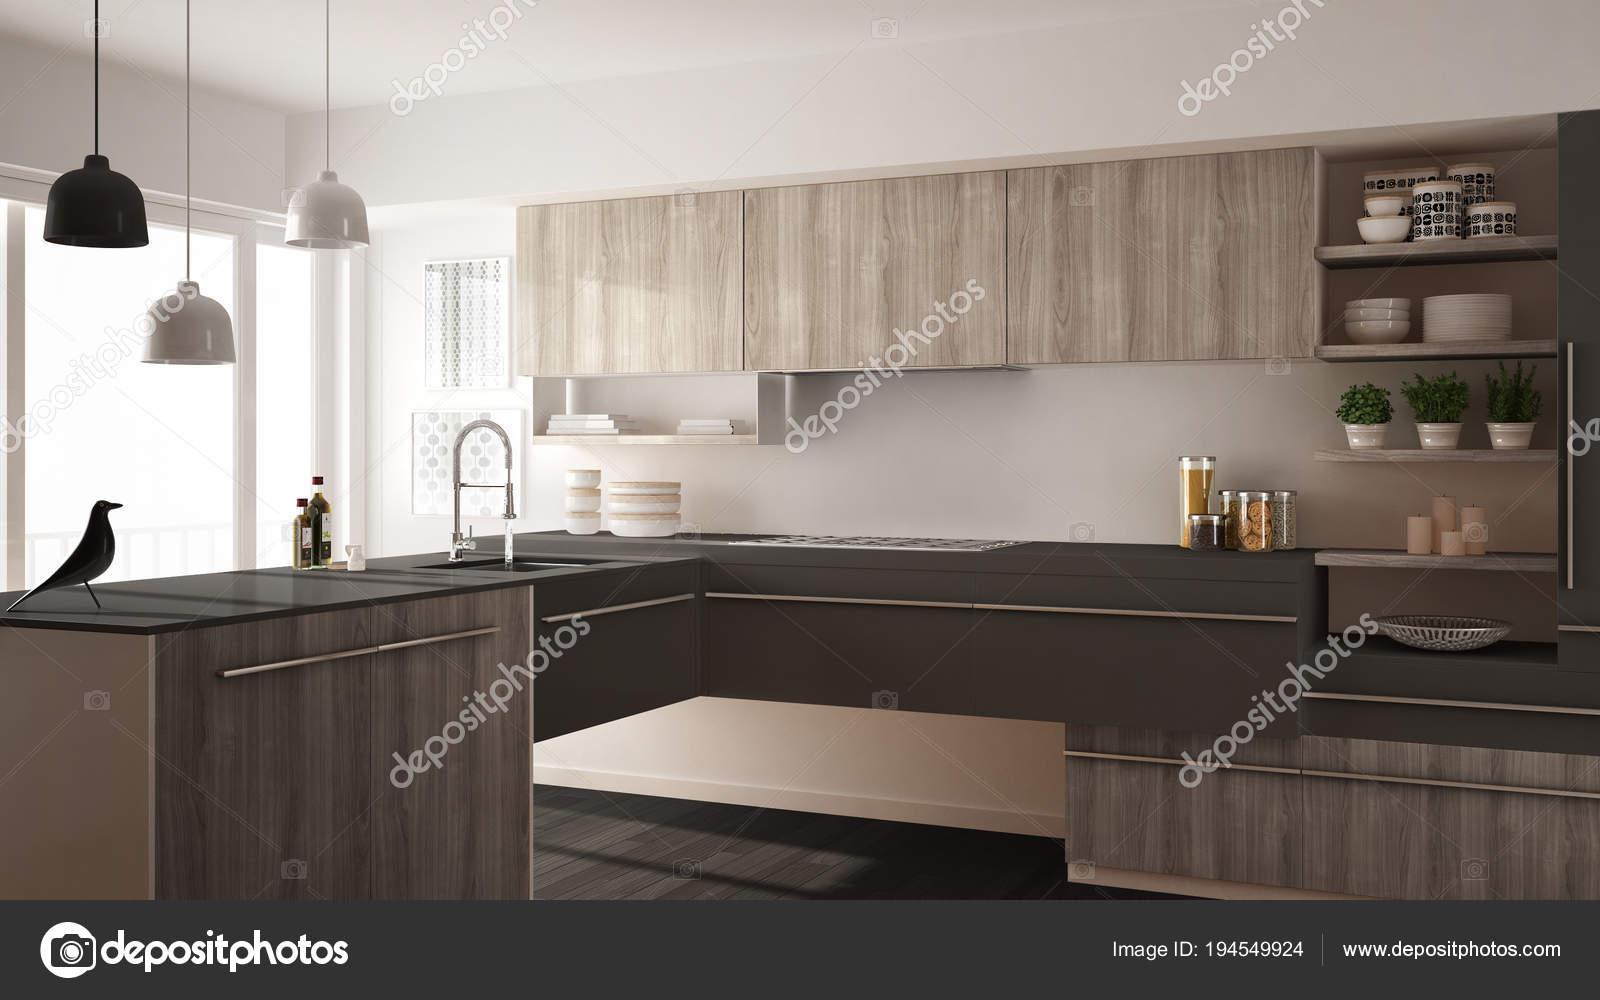 grey kitchen rugs corner table sets 现代简约木制厨房与实木复合地板 地毯和全景窗口 白色和灰色建筑室内 白色和灰色建筑室内设计 照片作者archiviz